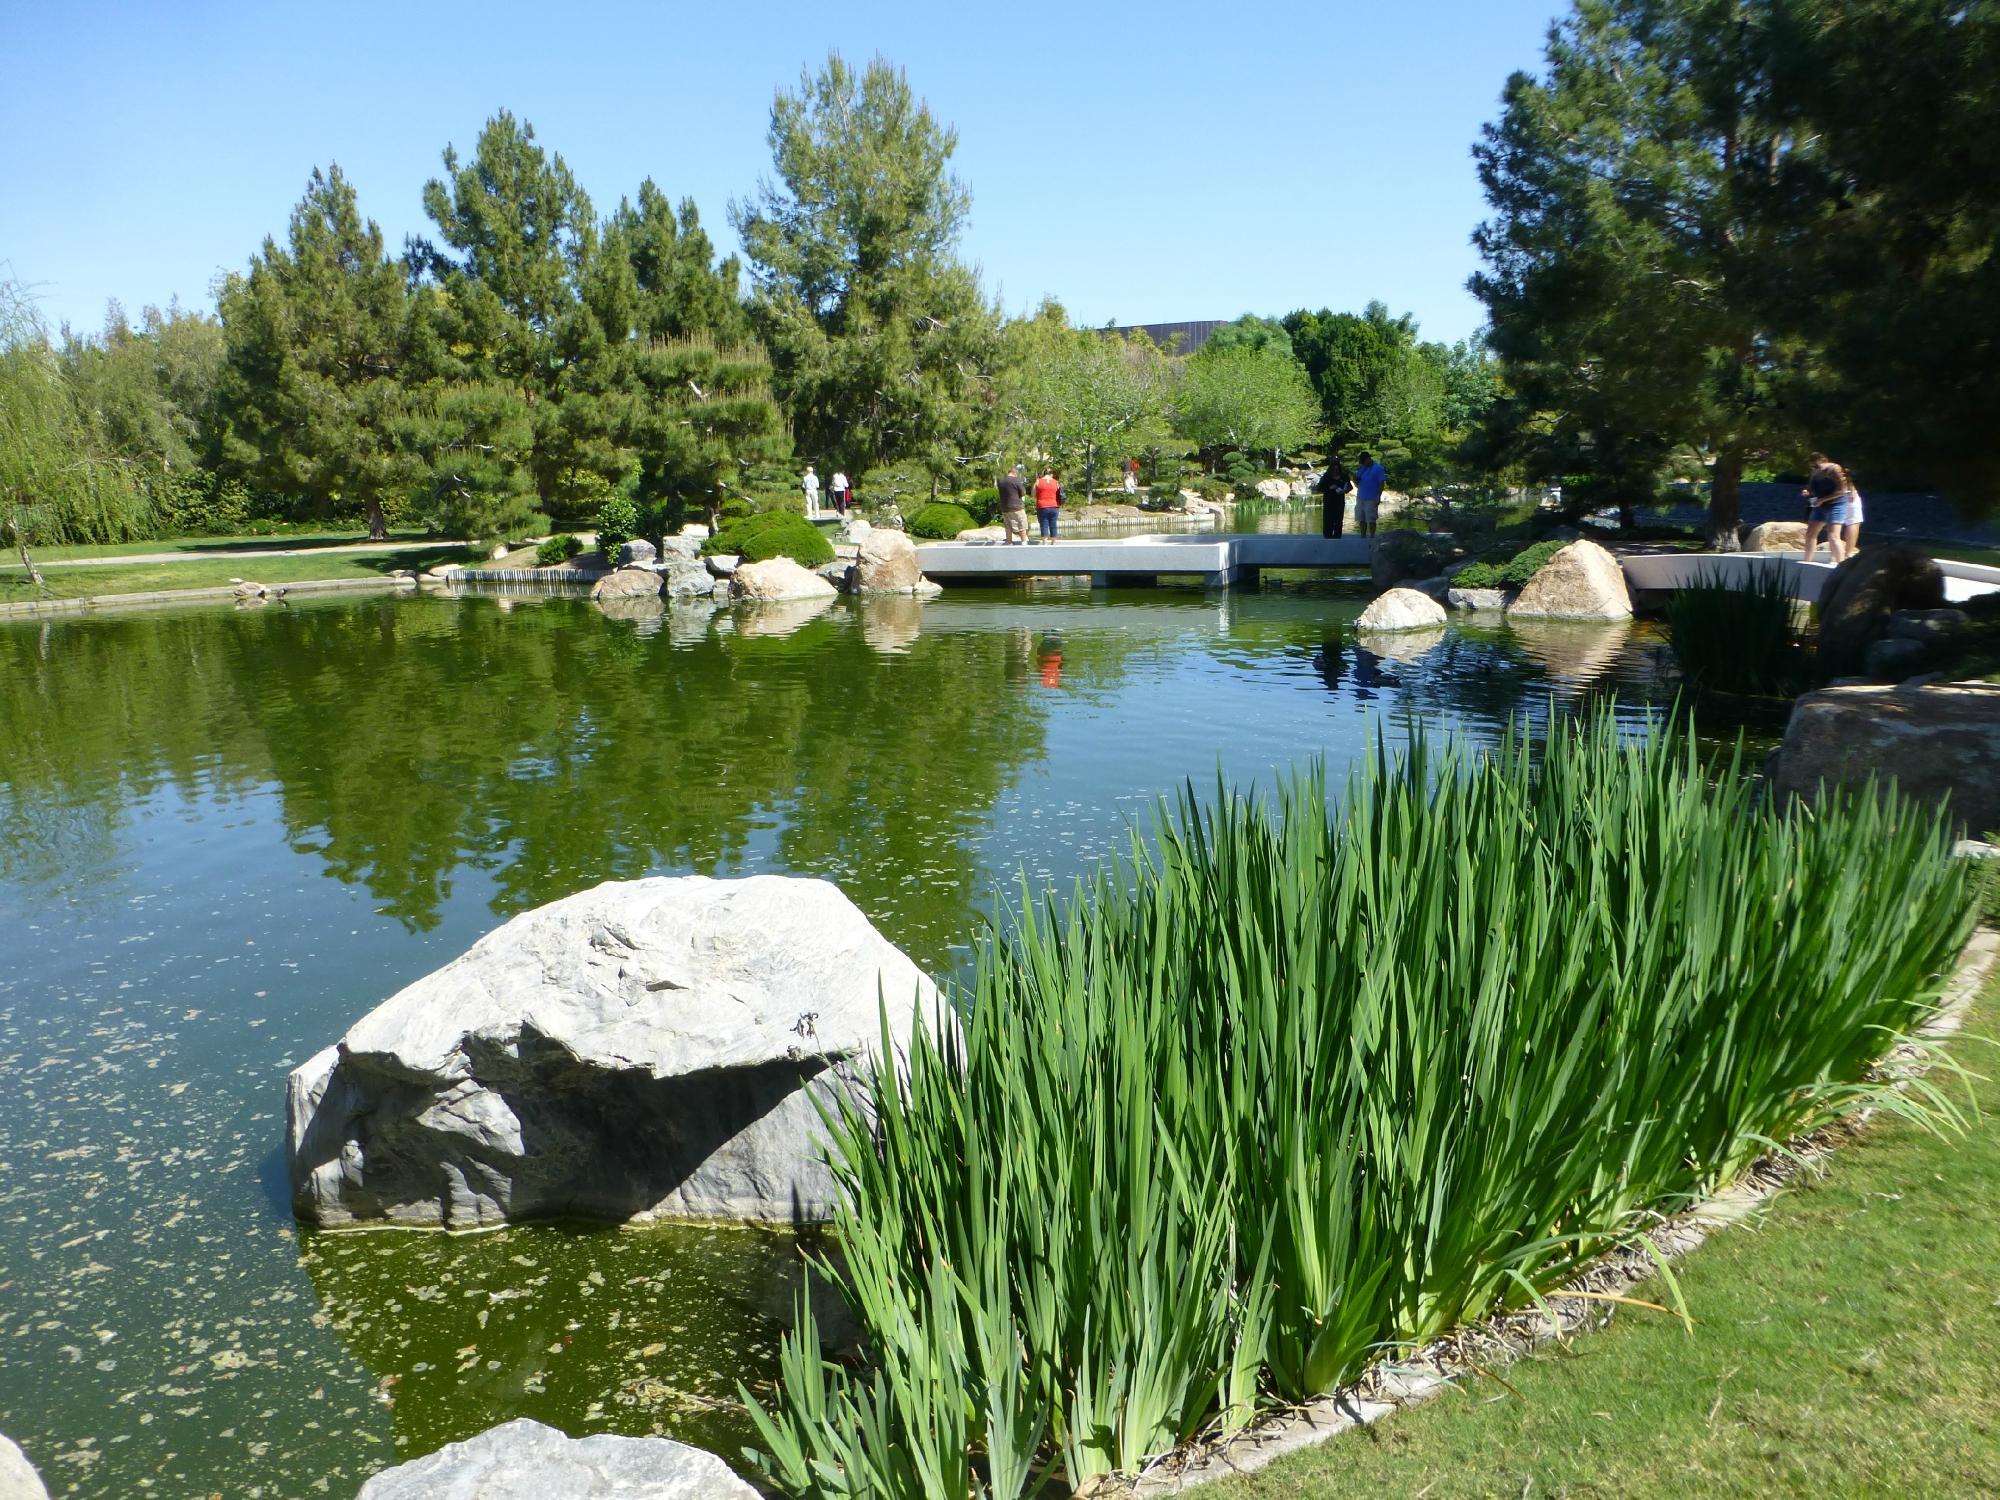 The Japanese Friendship Garden In Arizona Is A Secret Garden